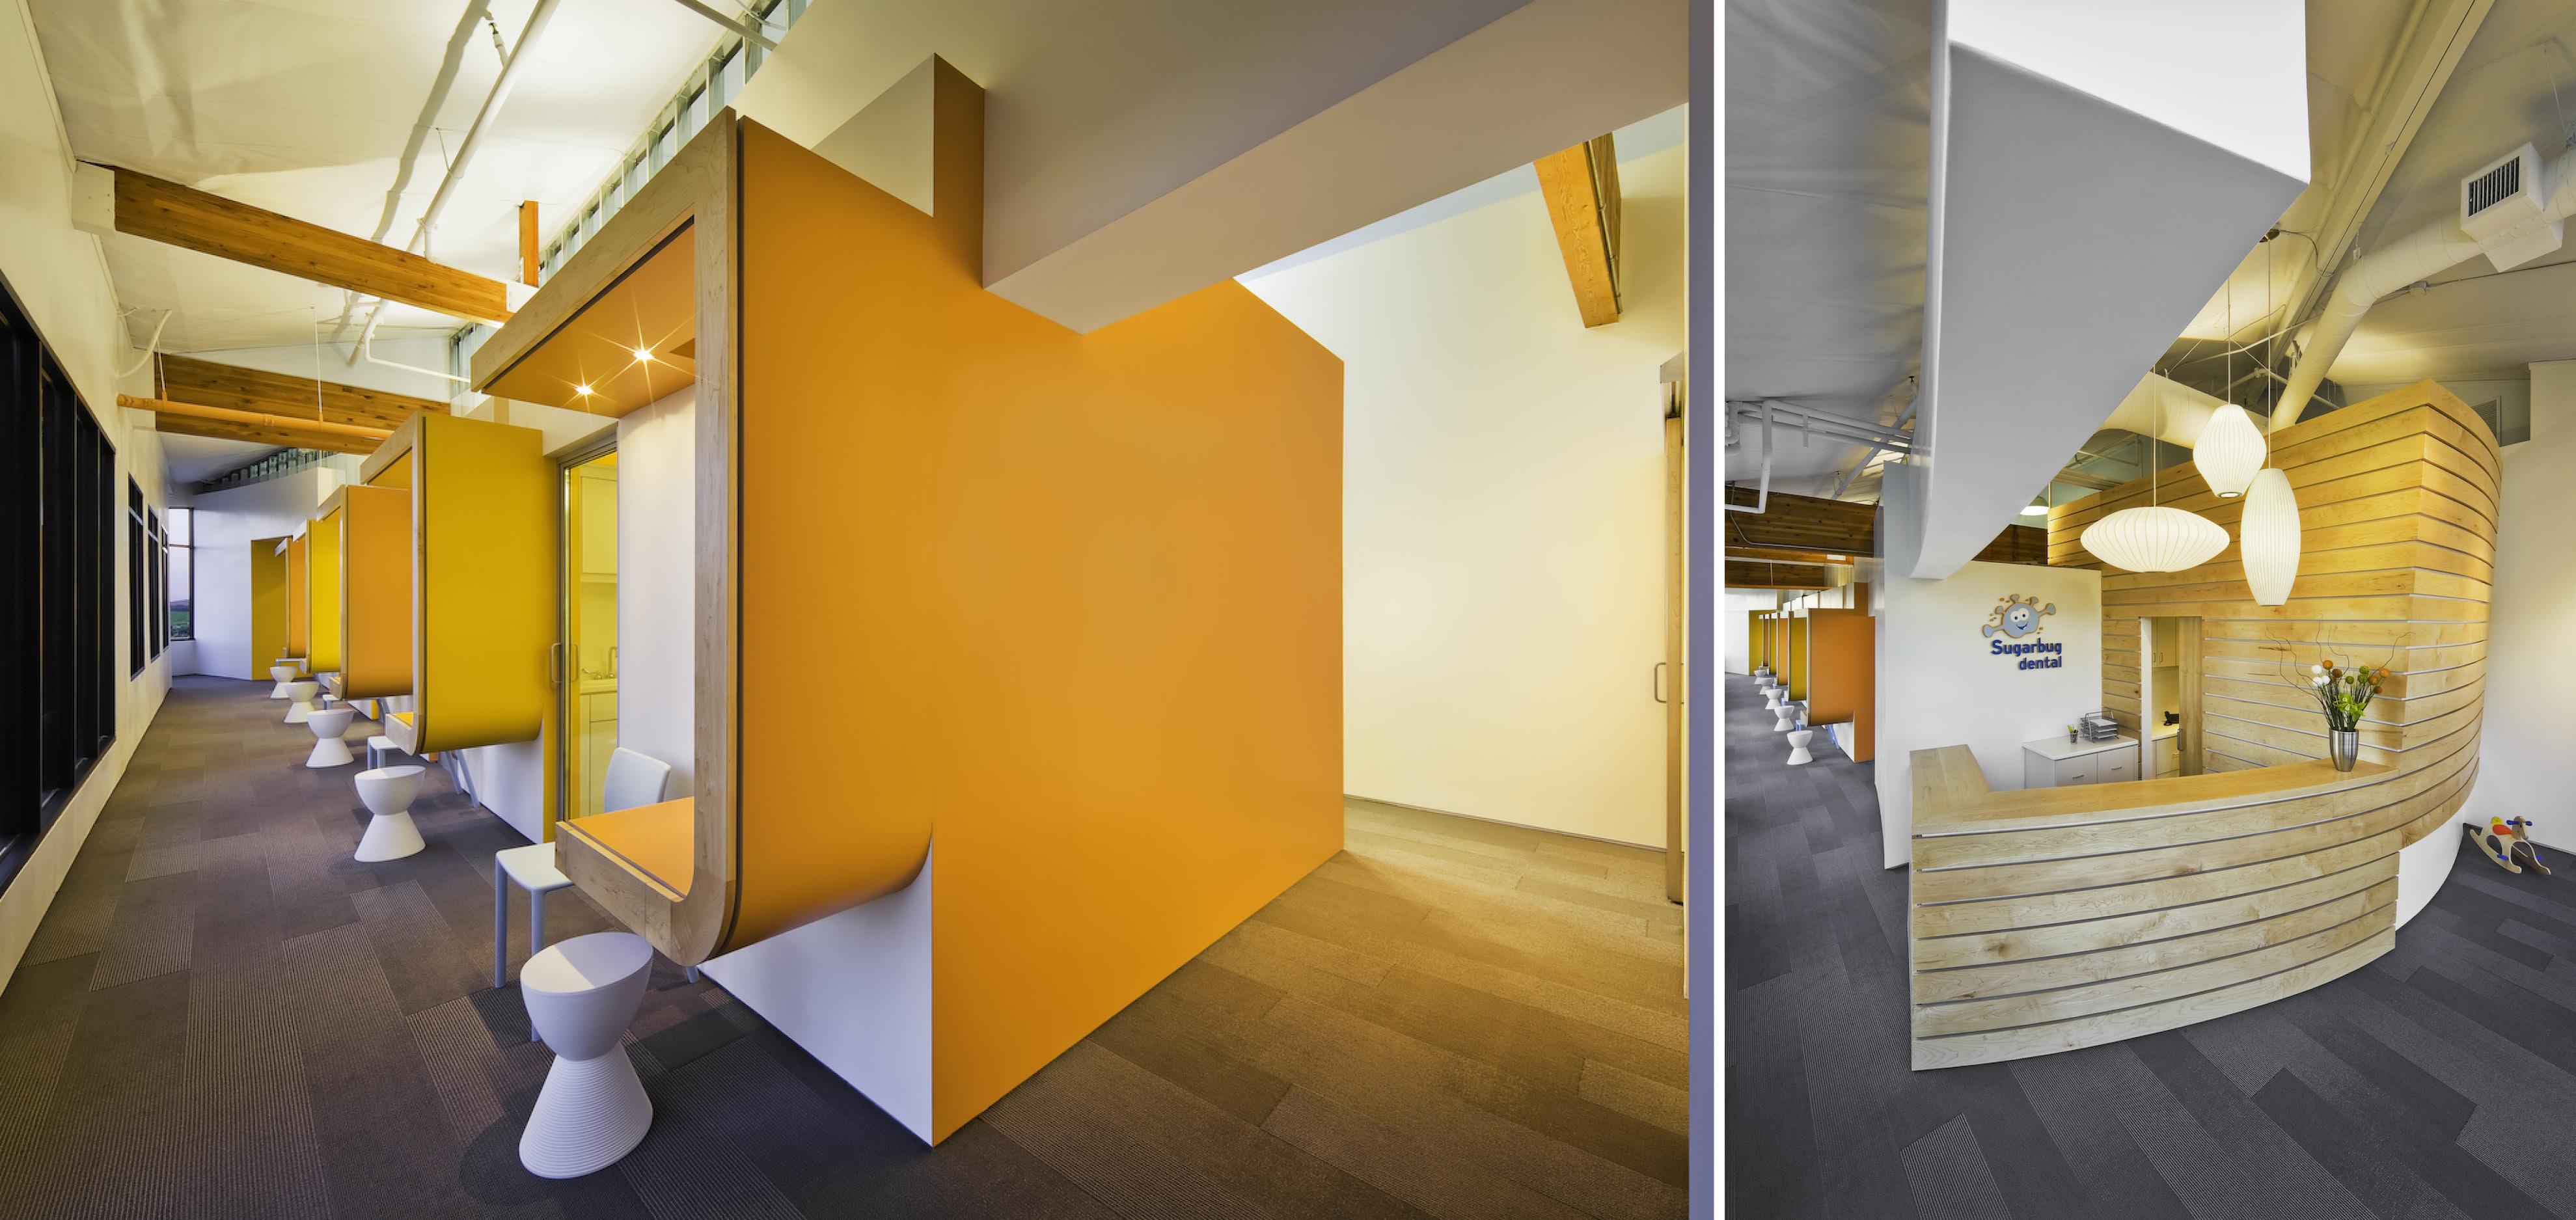 AB design studio Featured in Contemporary Arts Forum Gallery